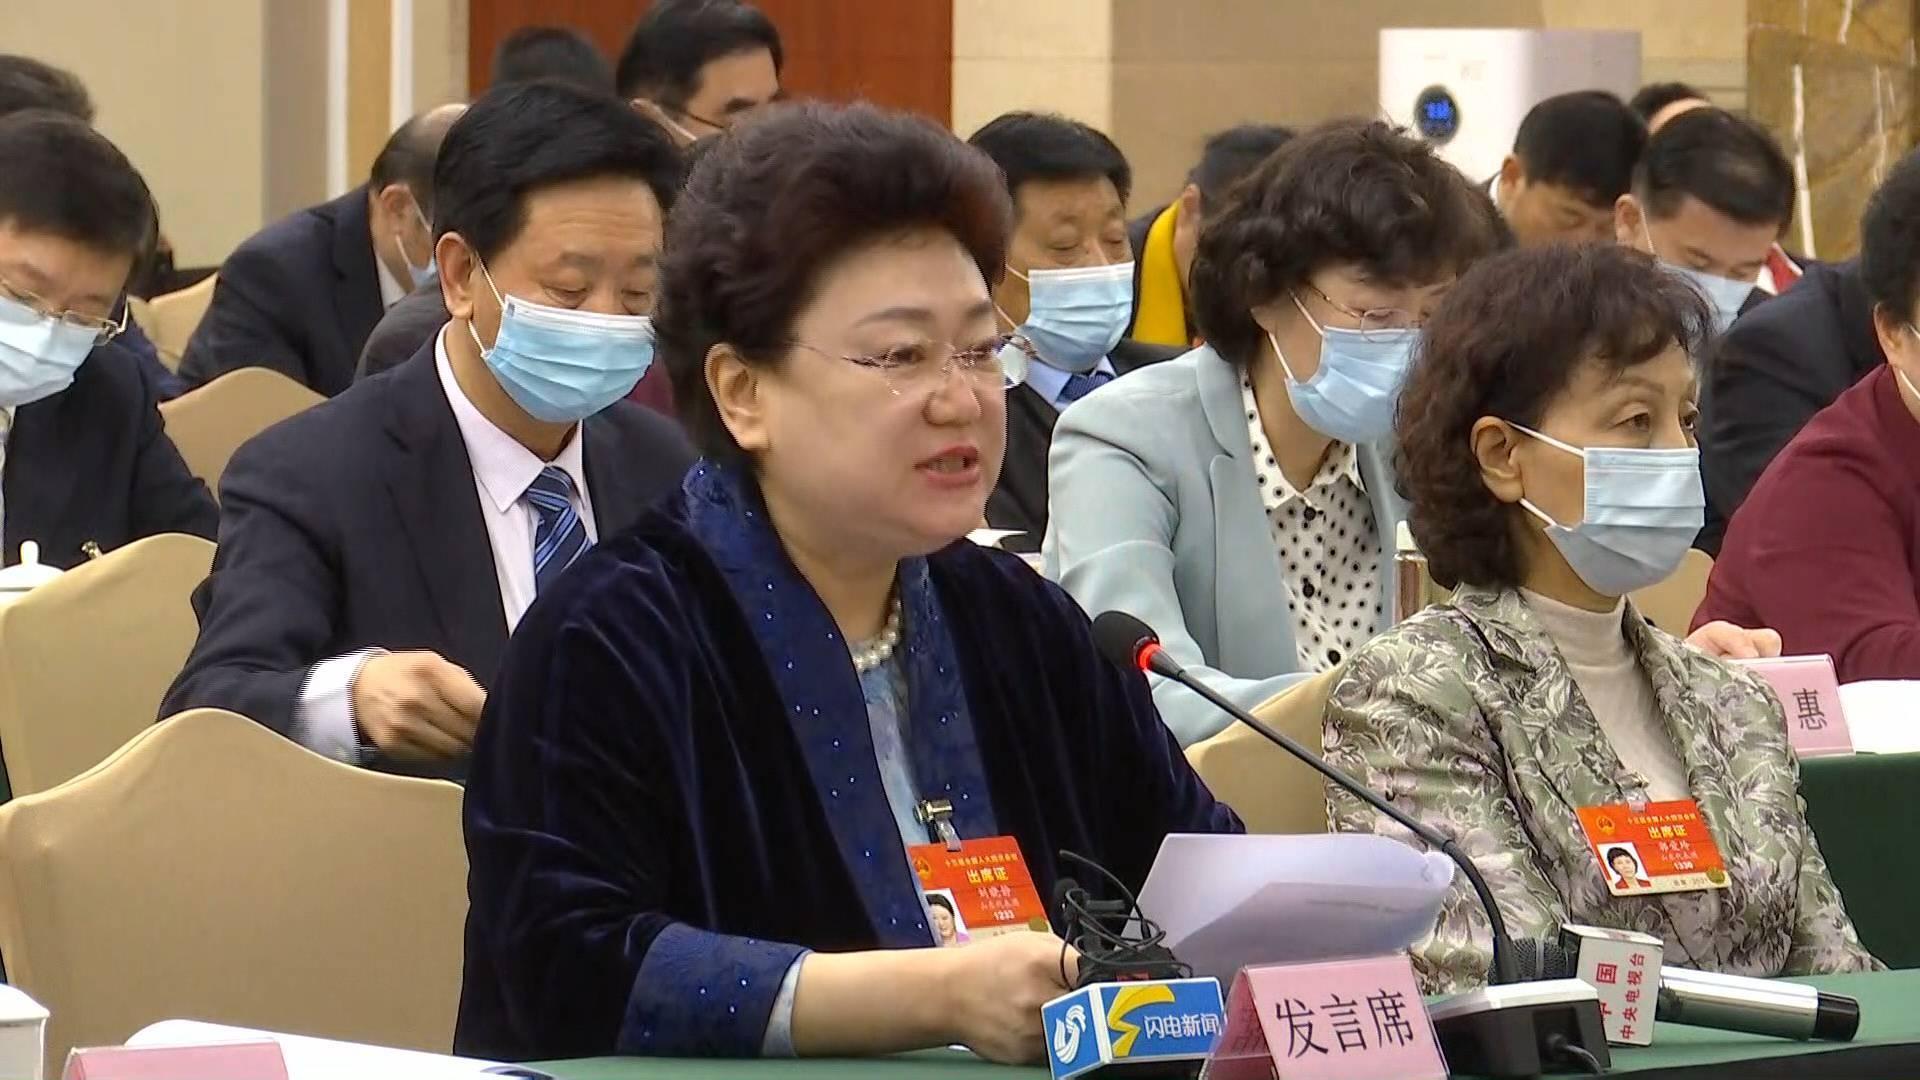 全国人大代表刘晓静:创新驱动本质是人才驱动 人口红利应该把创造性人口加权计算